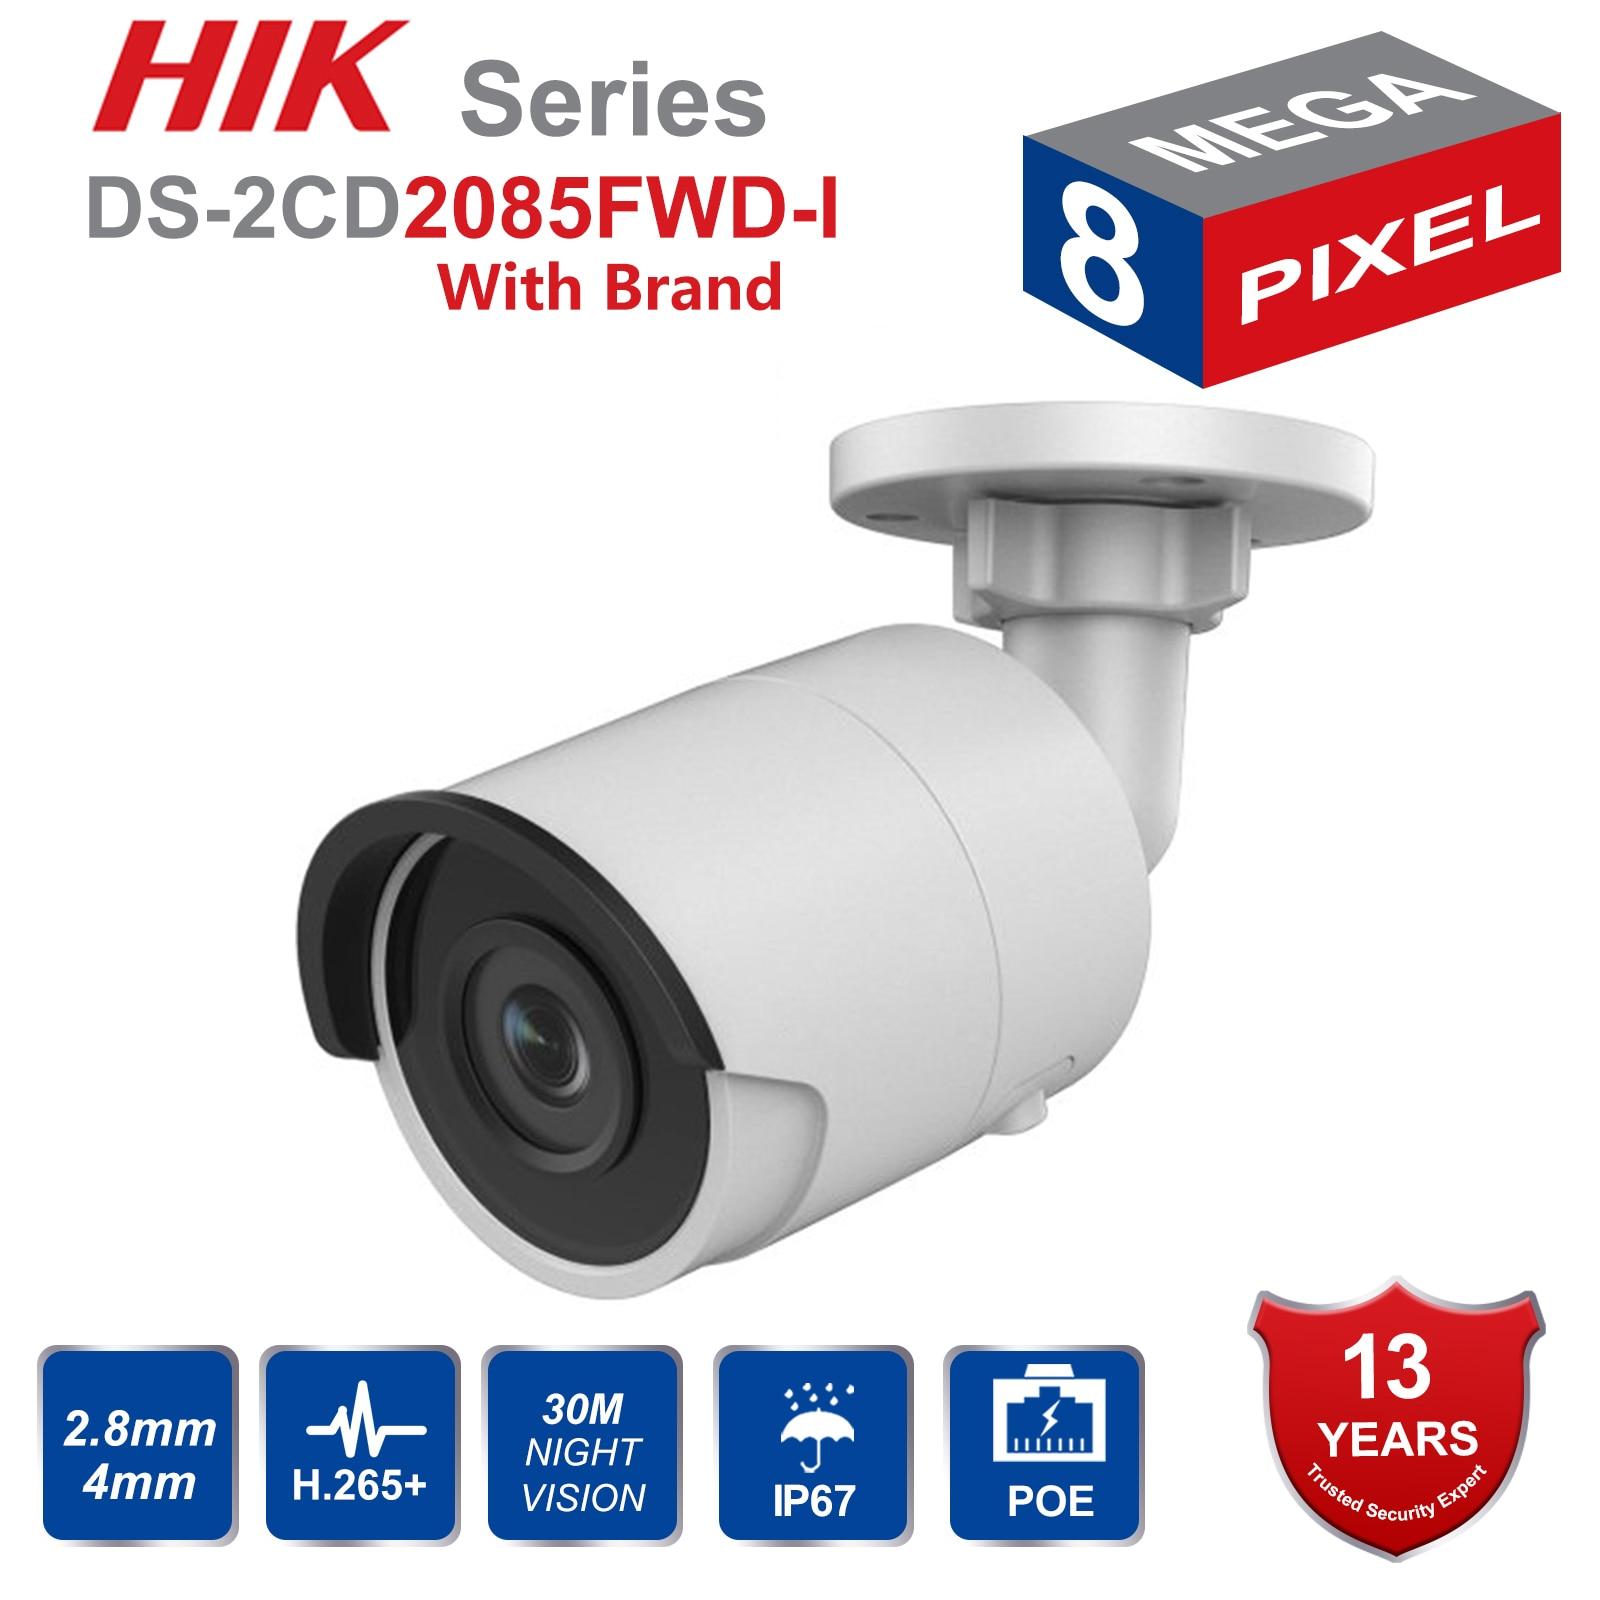 Hik Original 8MP CCTV Câmera Câmera IP Atualizável DS-2CD2085FWD-I Resoultion Alta WDR POE Bala CCTV Câmera Com Slot Para Cartão SD